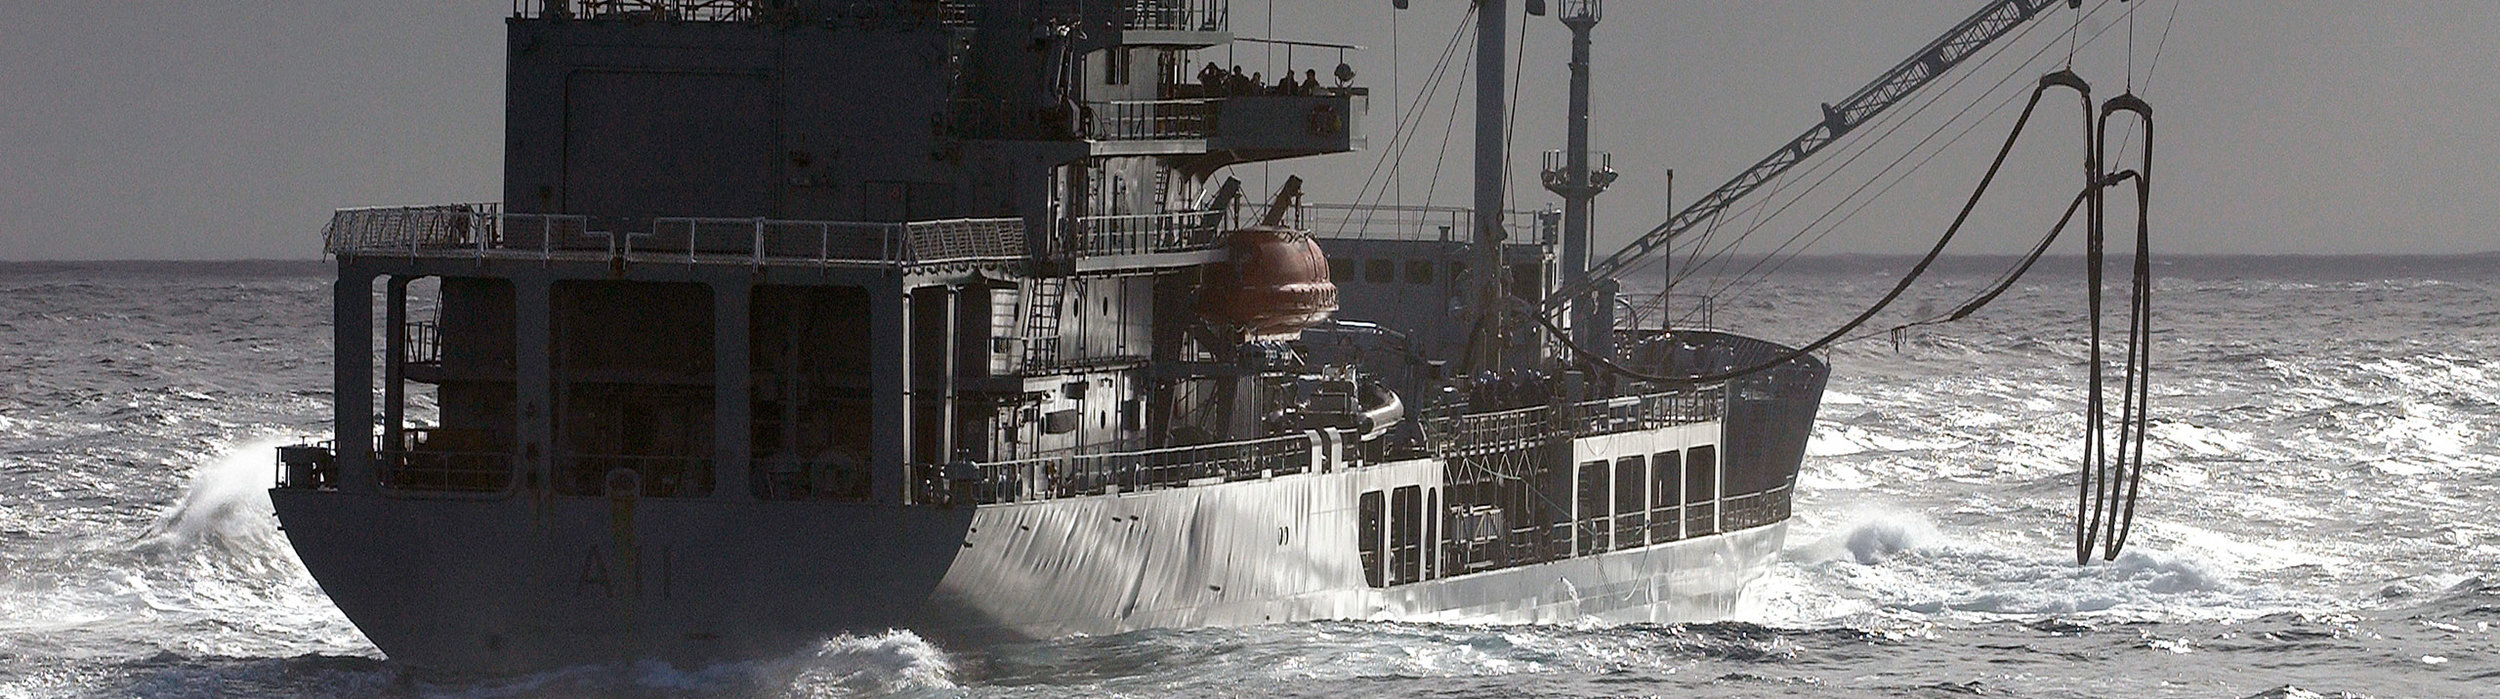 MML Naval Web slider updated.jpg